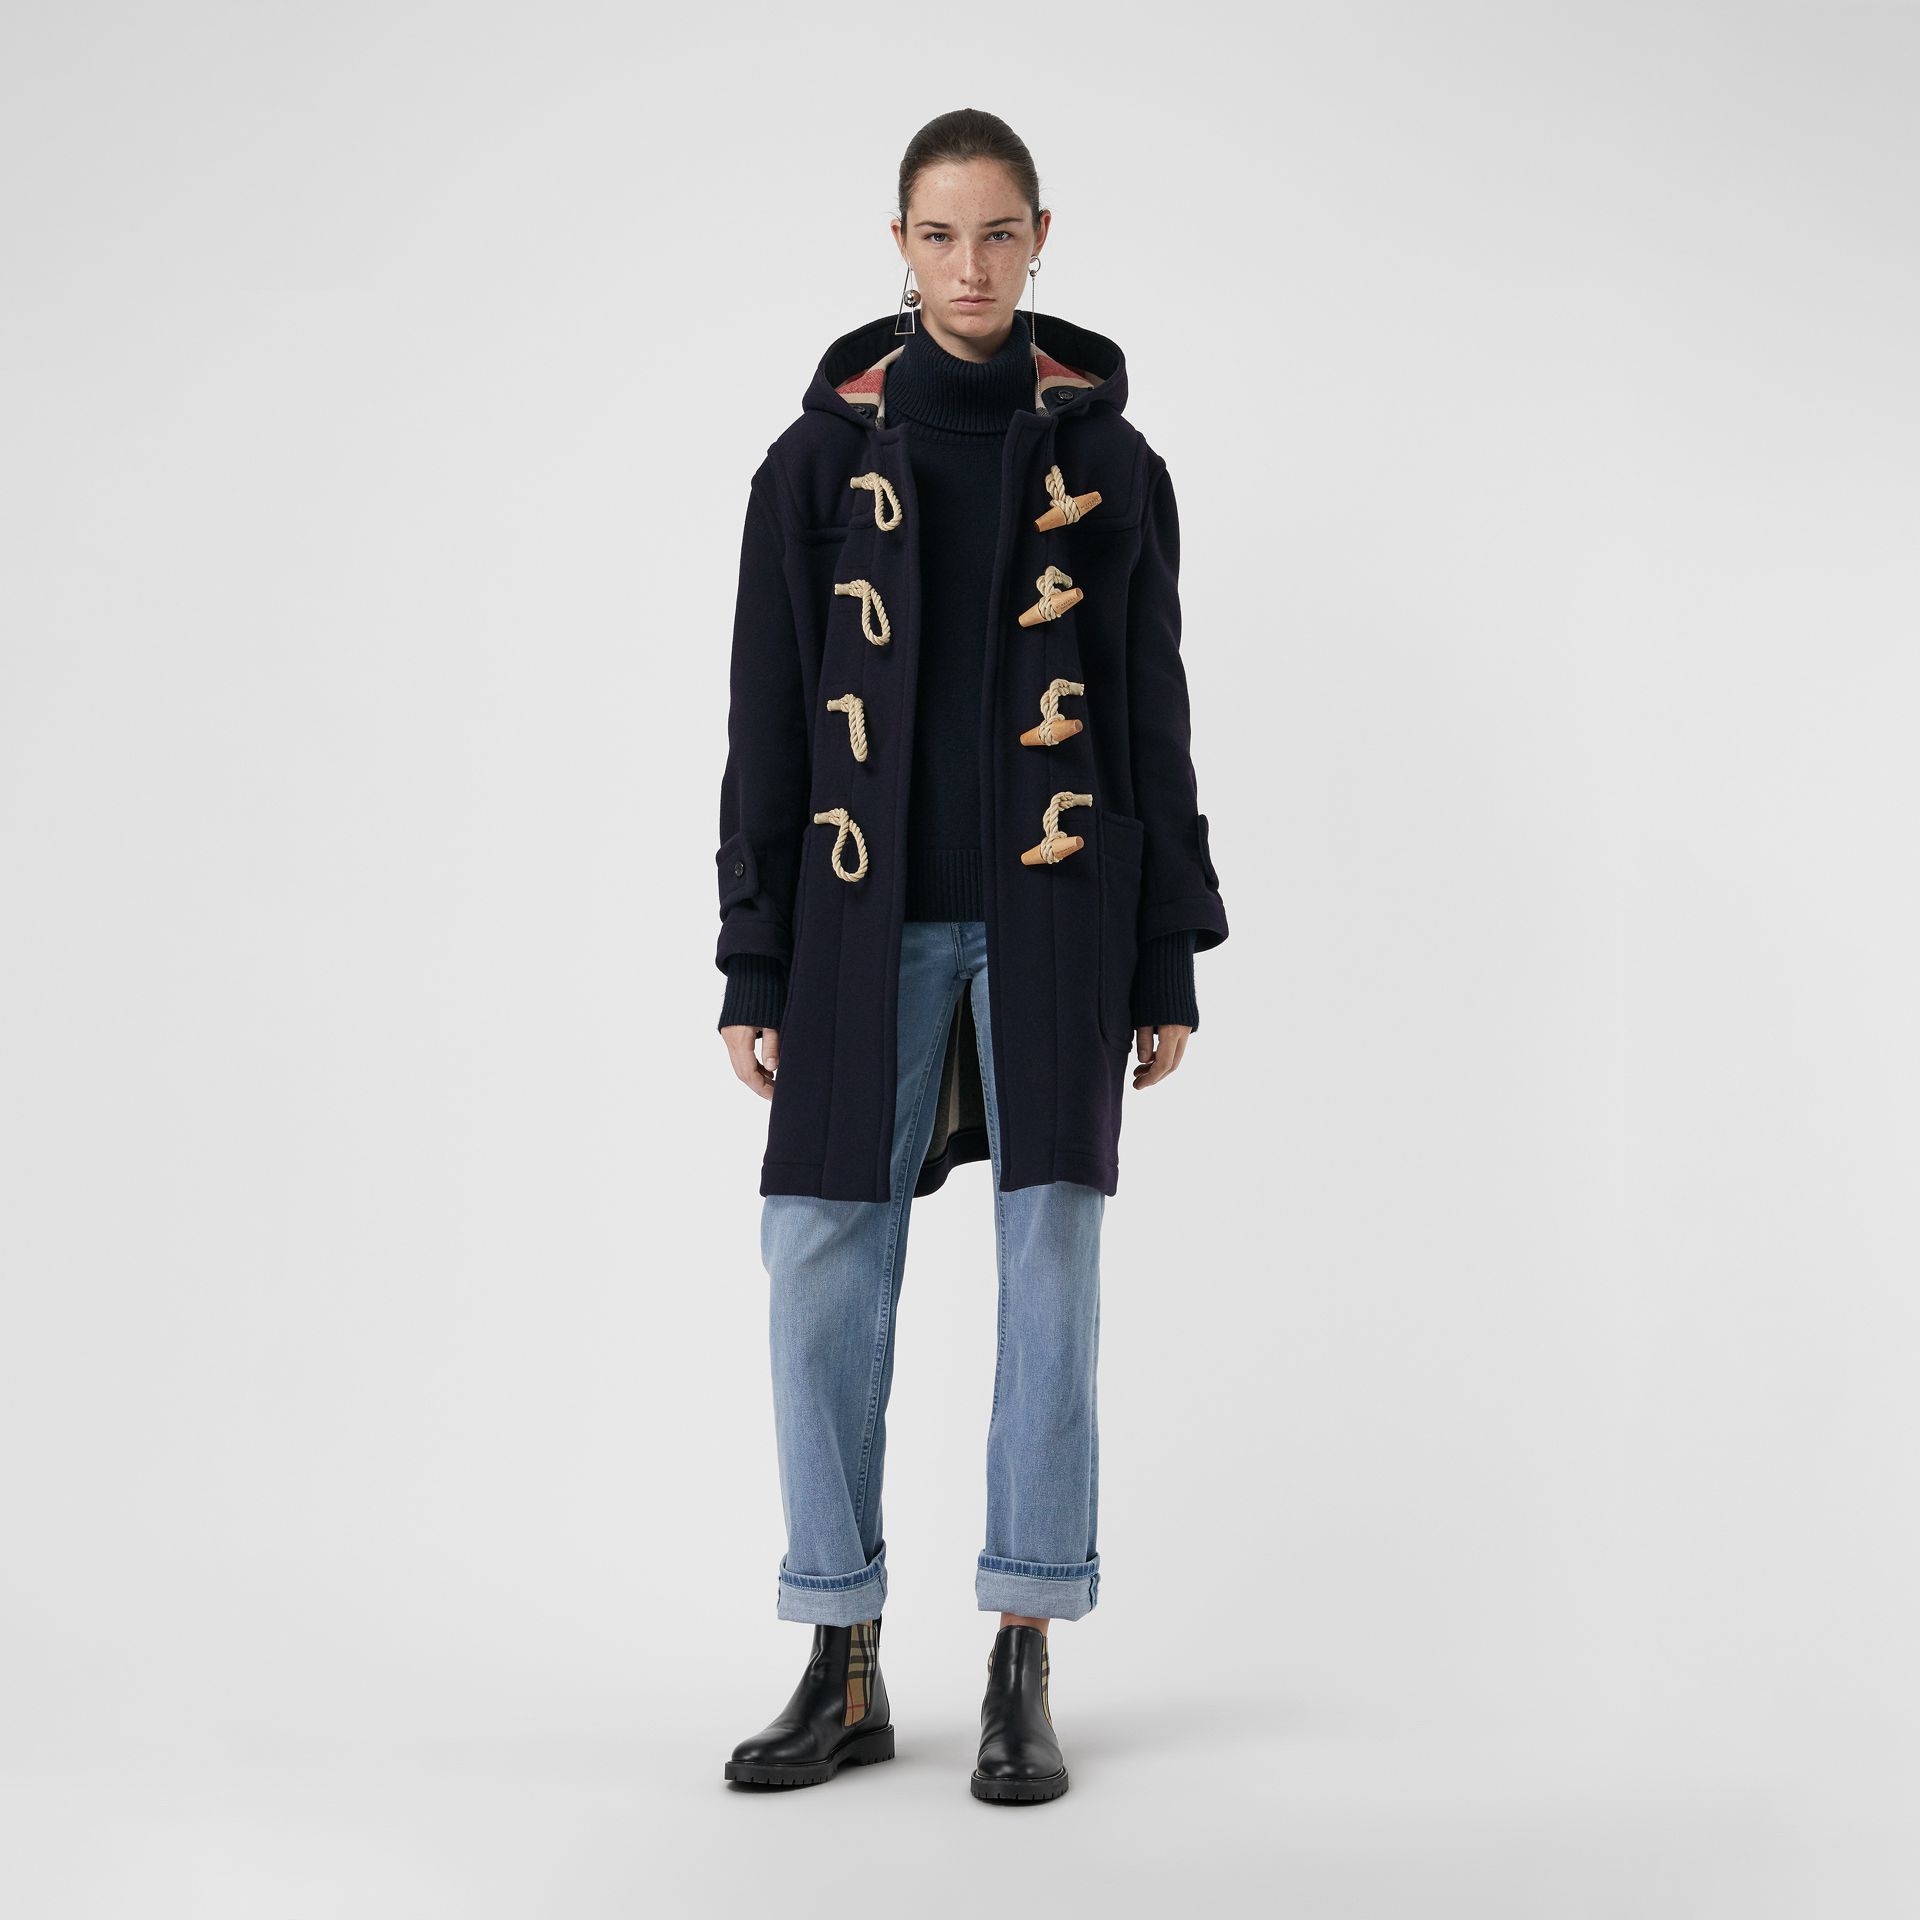 77b271a4520e Women s Clothing   Повседневная одежда   Duffle coat, Burberry, Coat